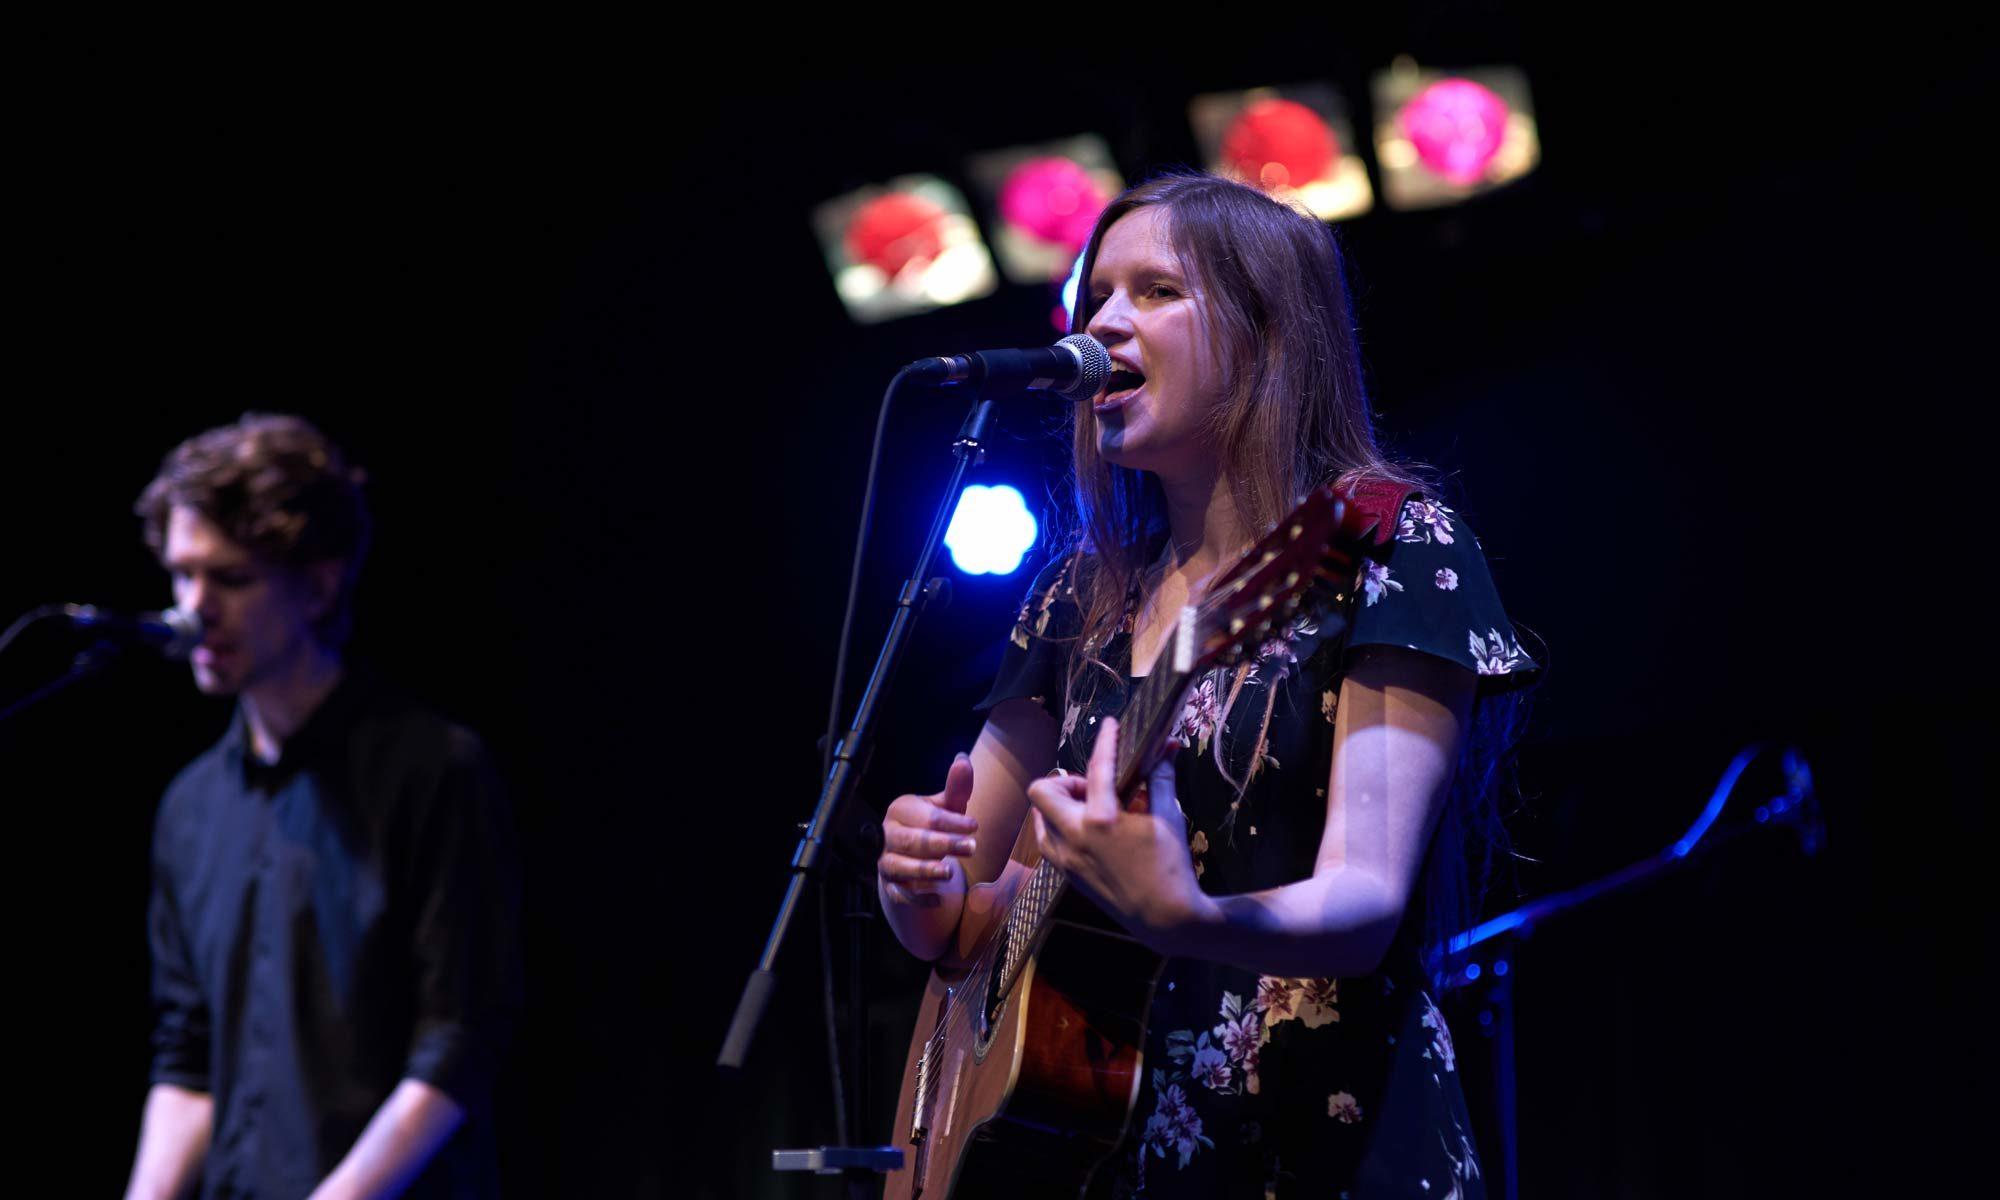 Maaike Siegerist performing live at Colston Hall